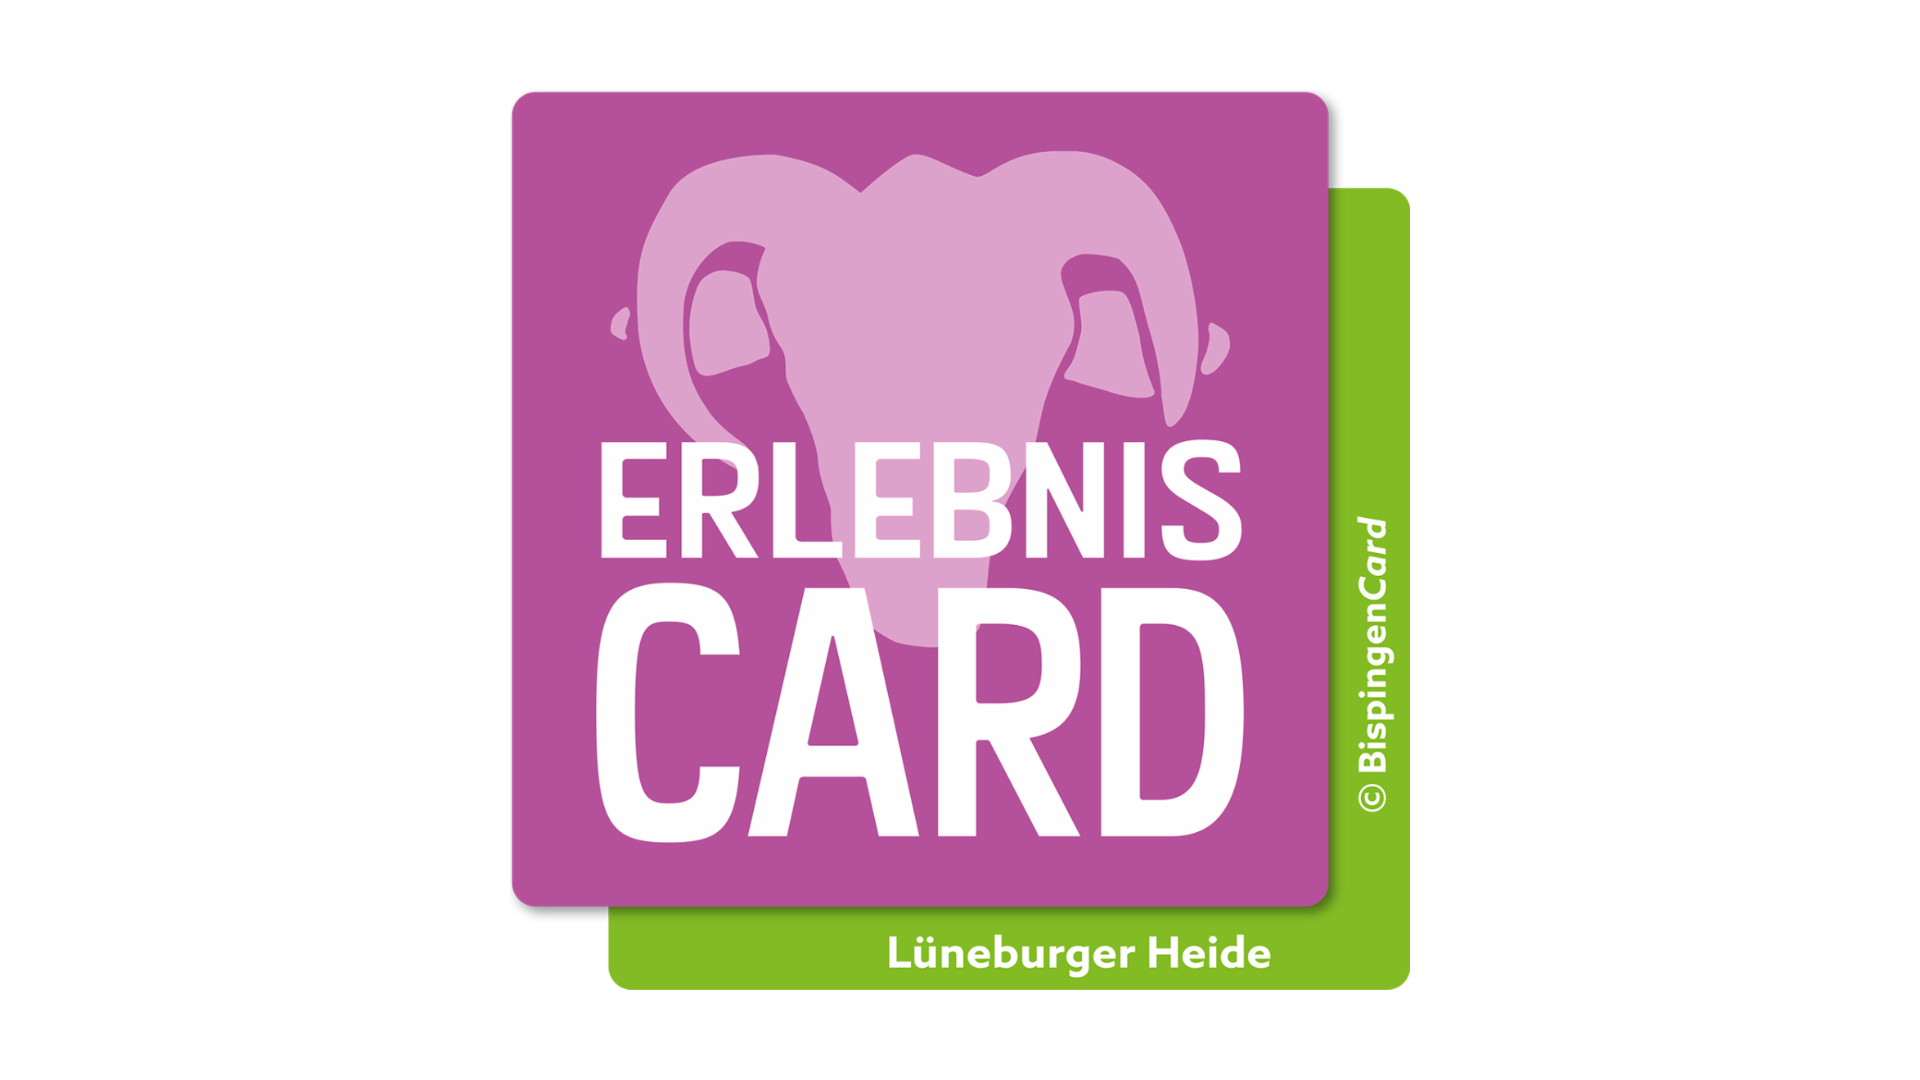 logo-erlebniscard.jpg